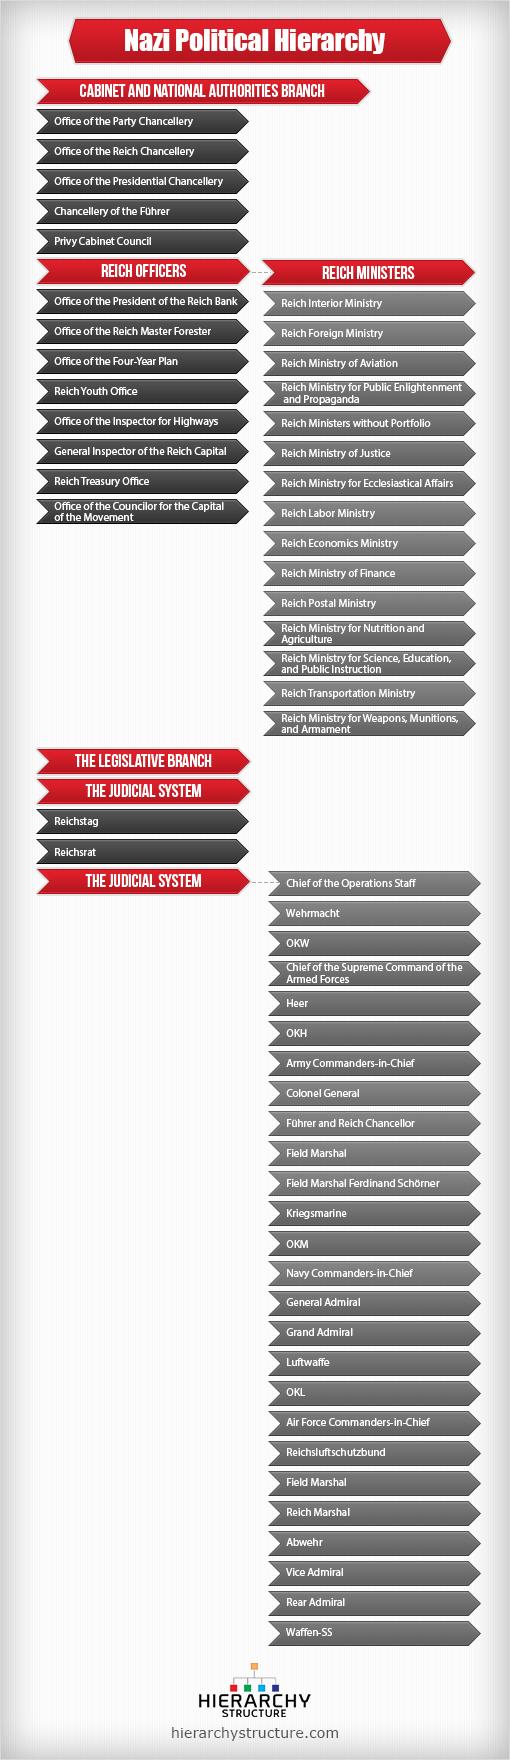 nazi political hierarchy